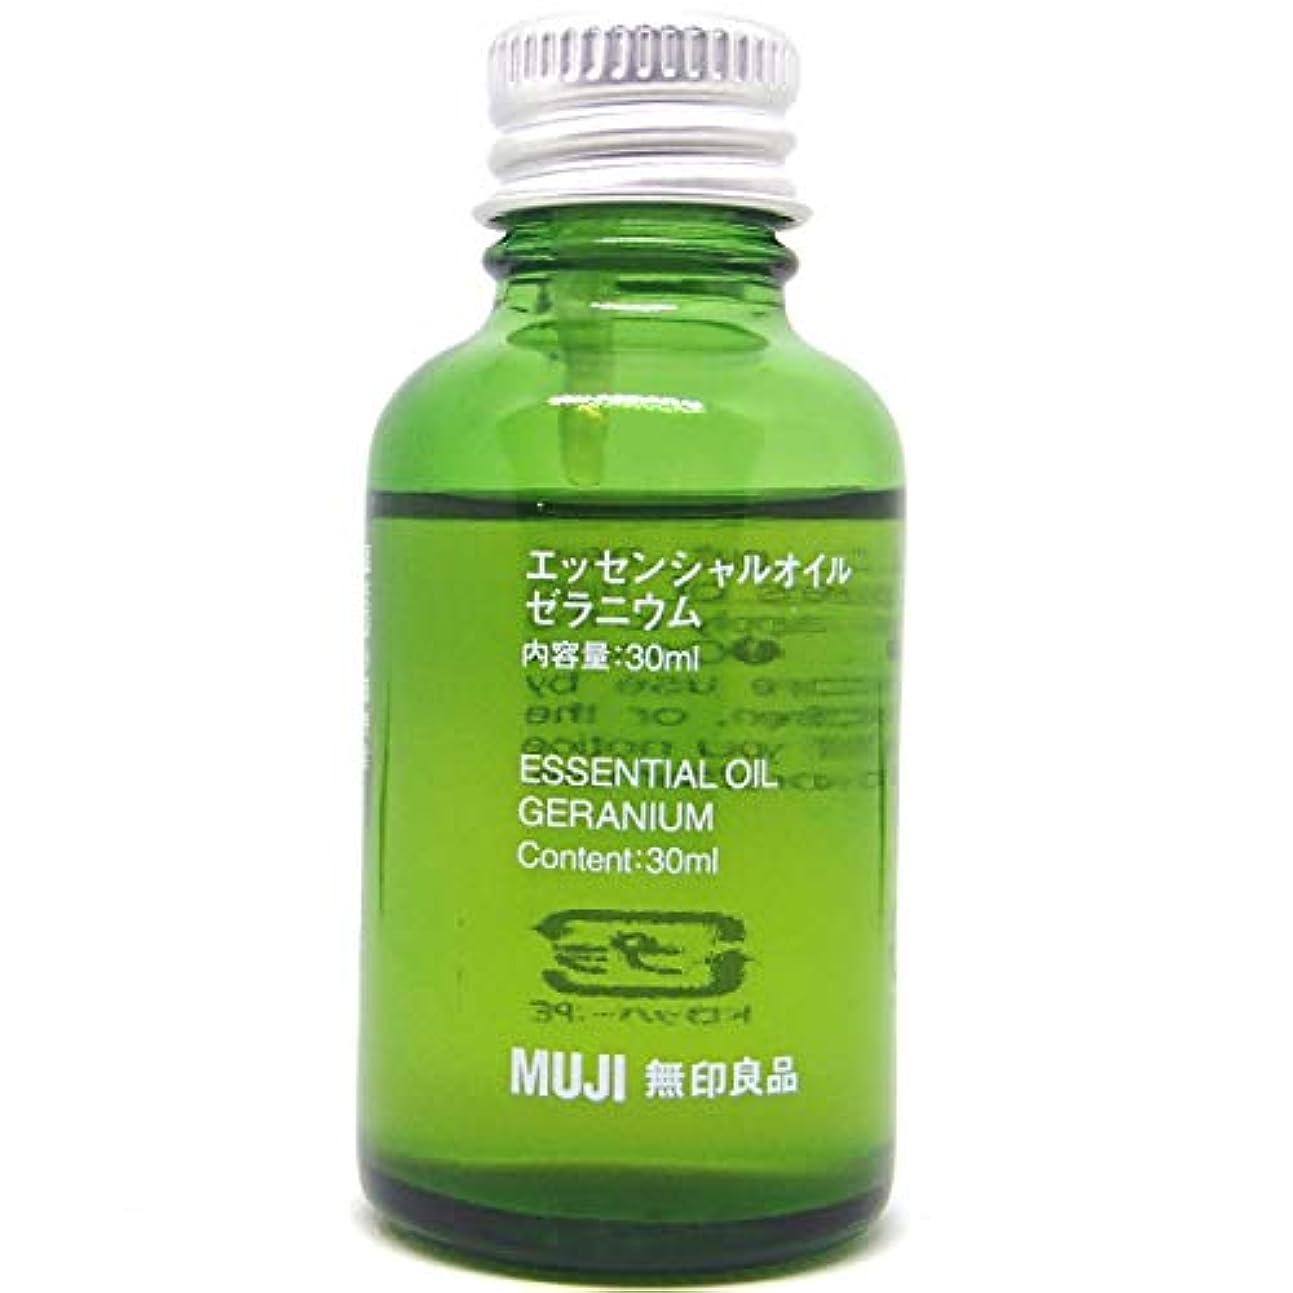 インゲン入場料排泄物【無印良品】エッセンシャルオイル30ml(ゼラニウム)